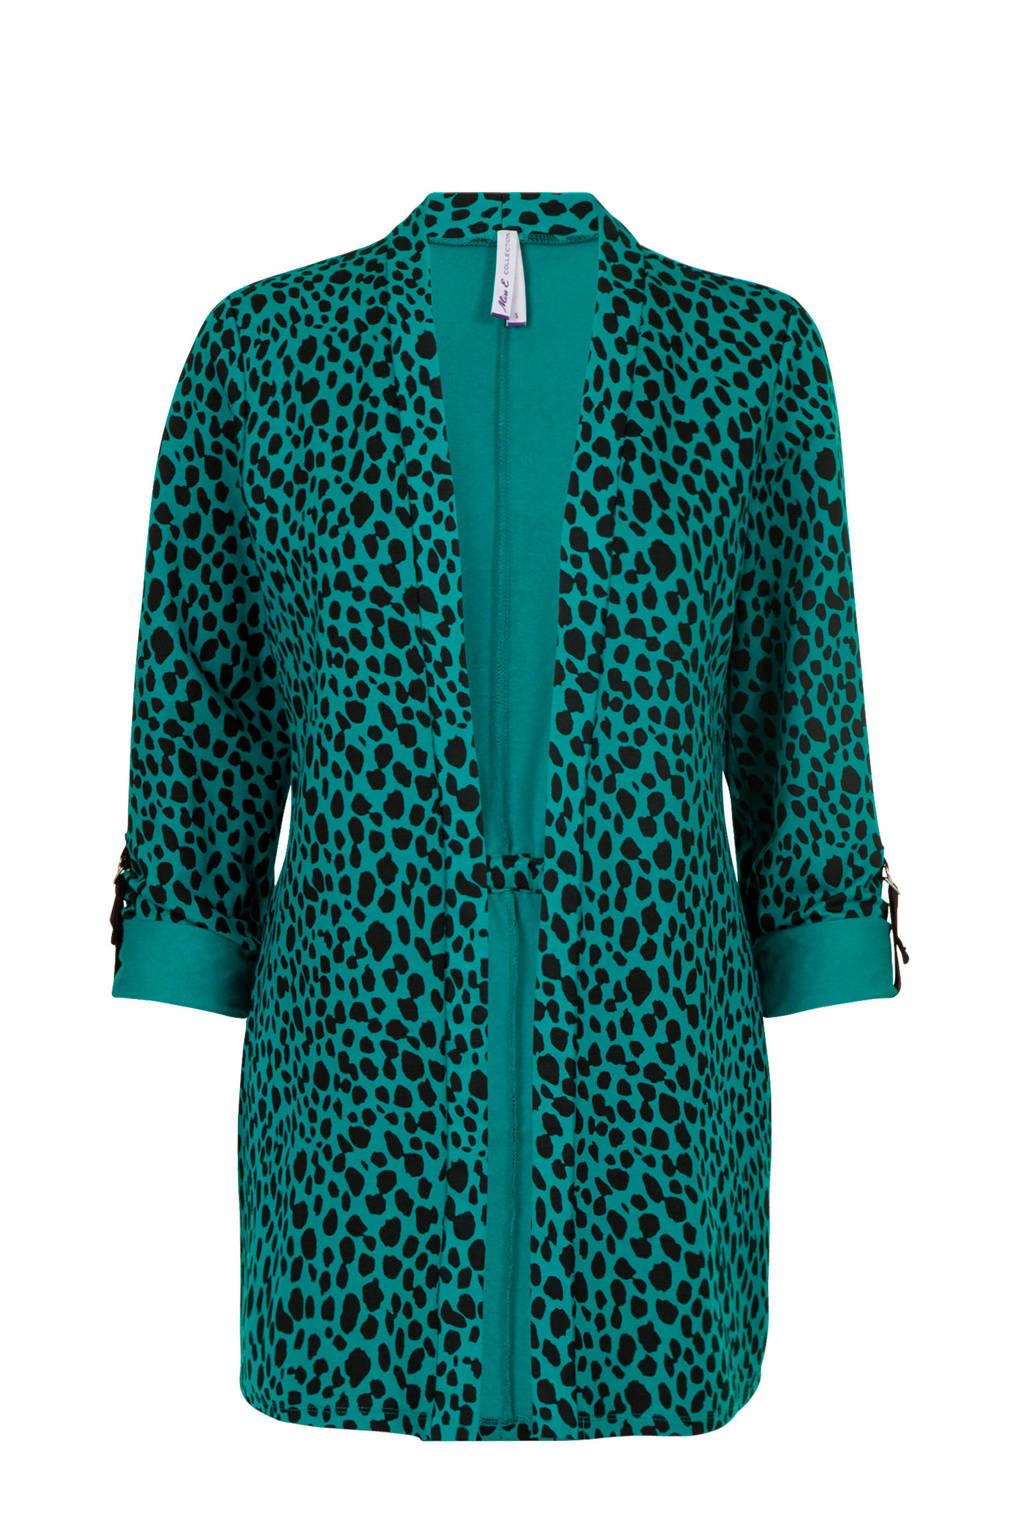 Miss Etam Regulier vest met all over print groen, Groen